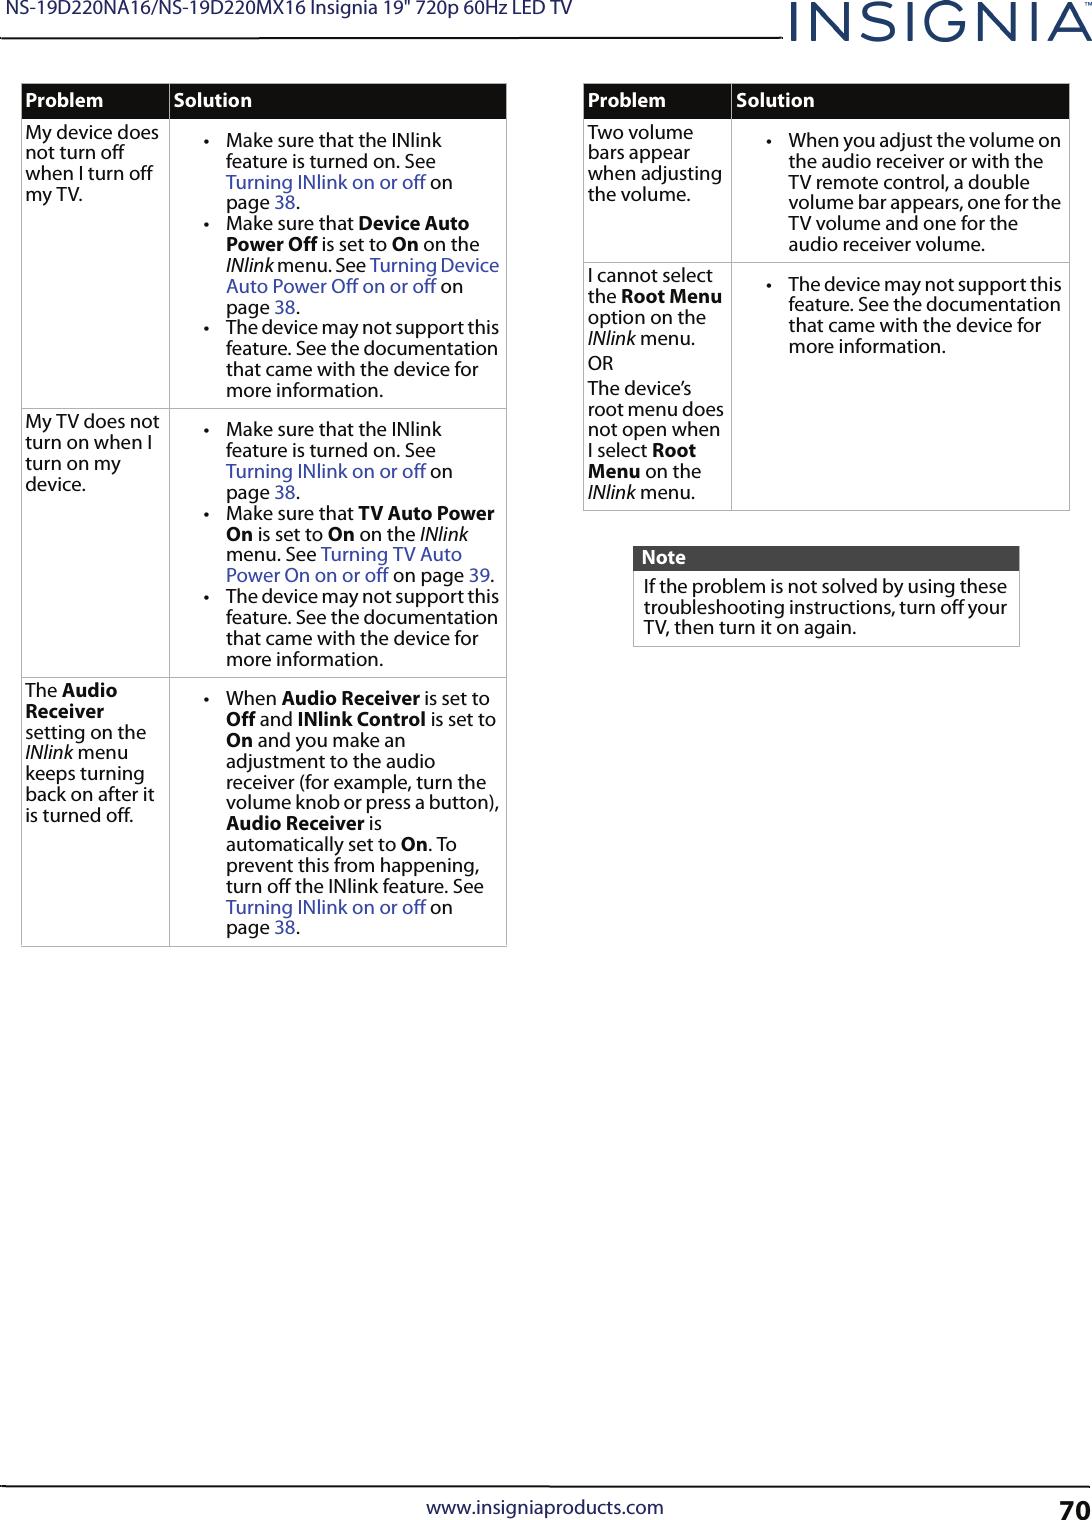 Insignia Ns 19D220Na16 User Manual 1003415 19D220MX16_15